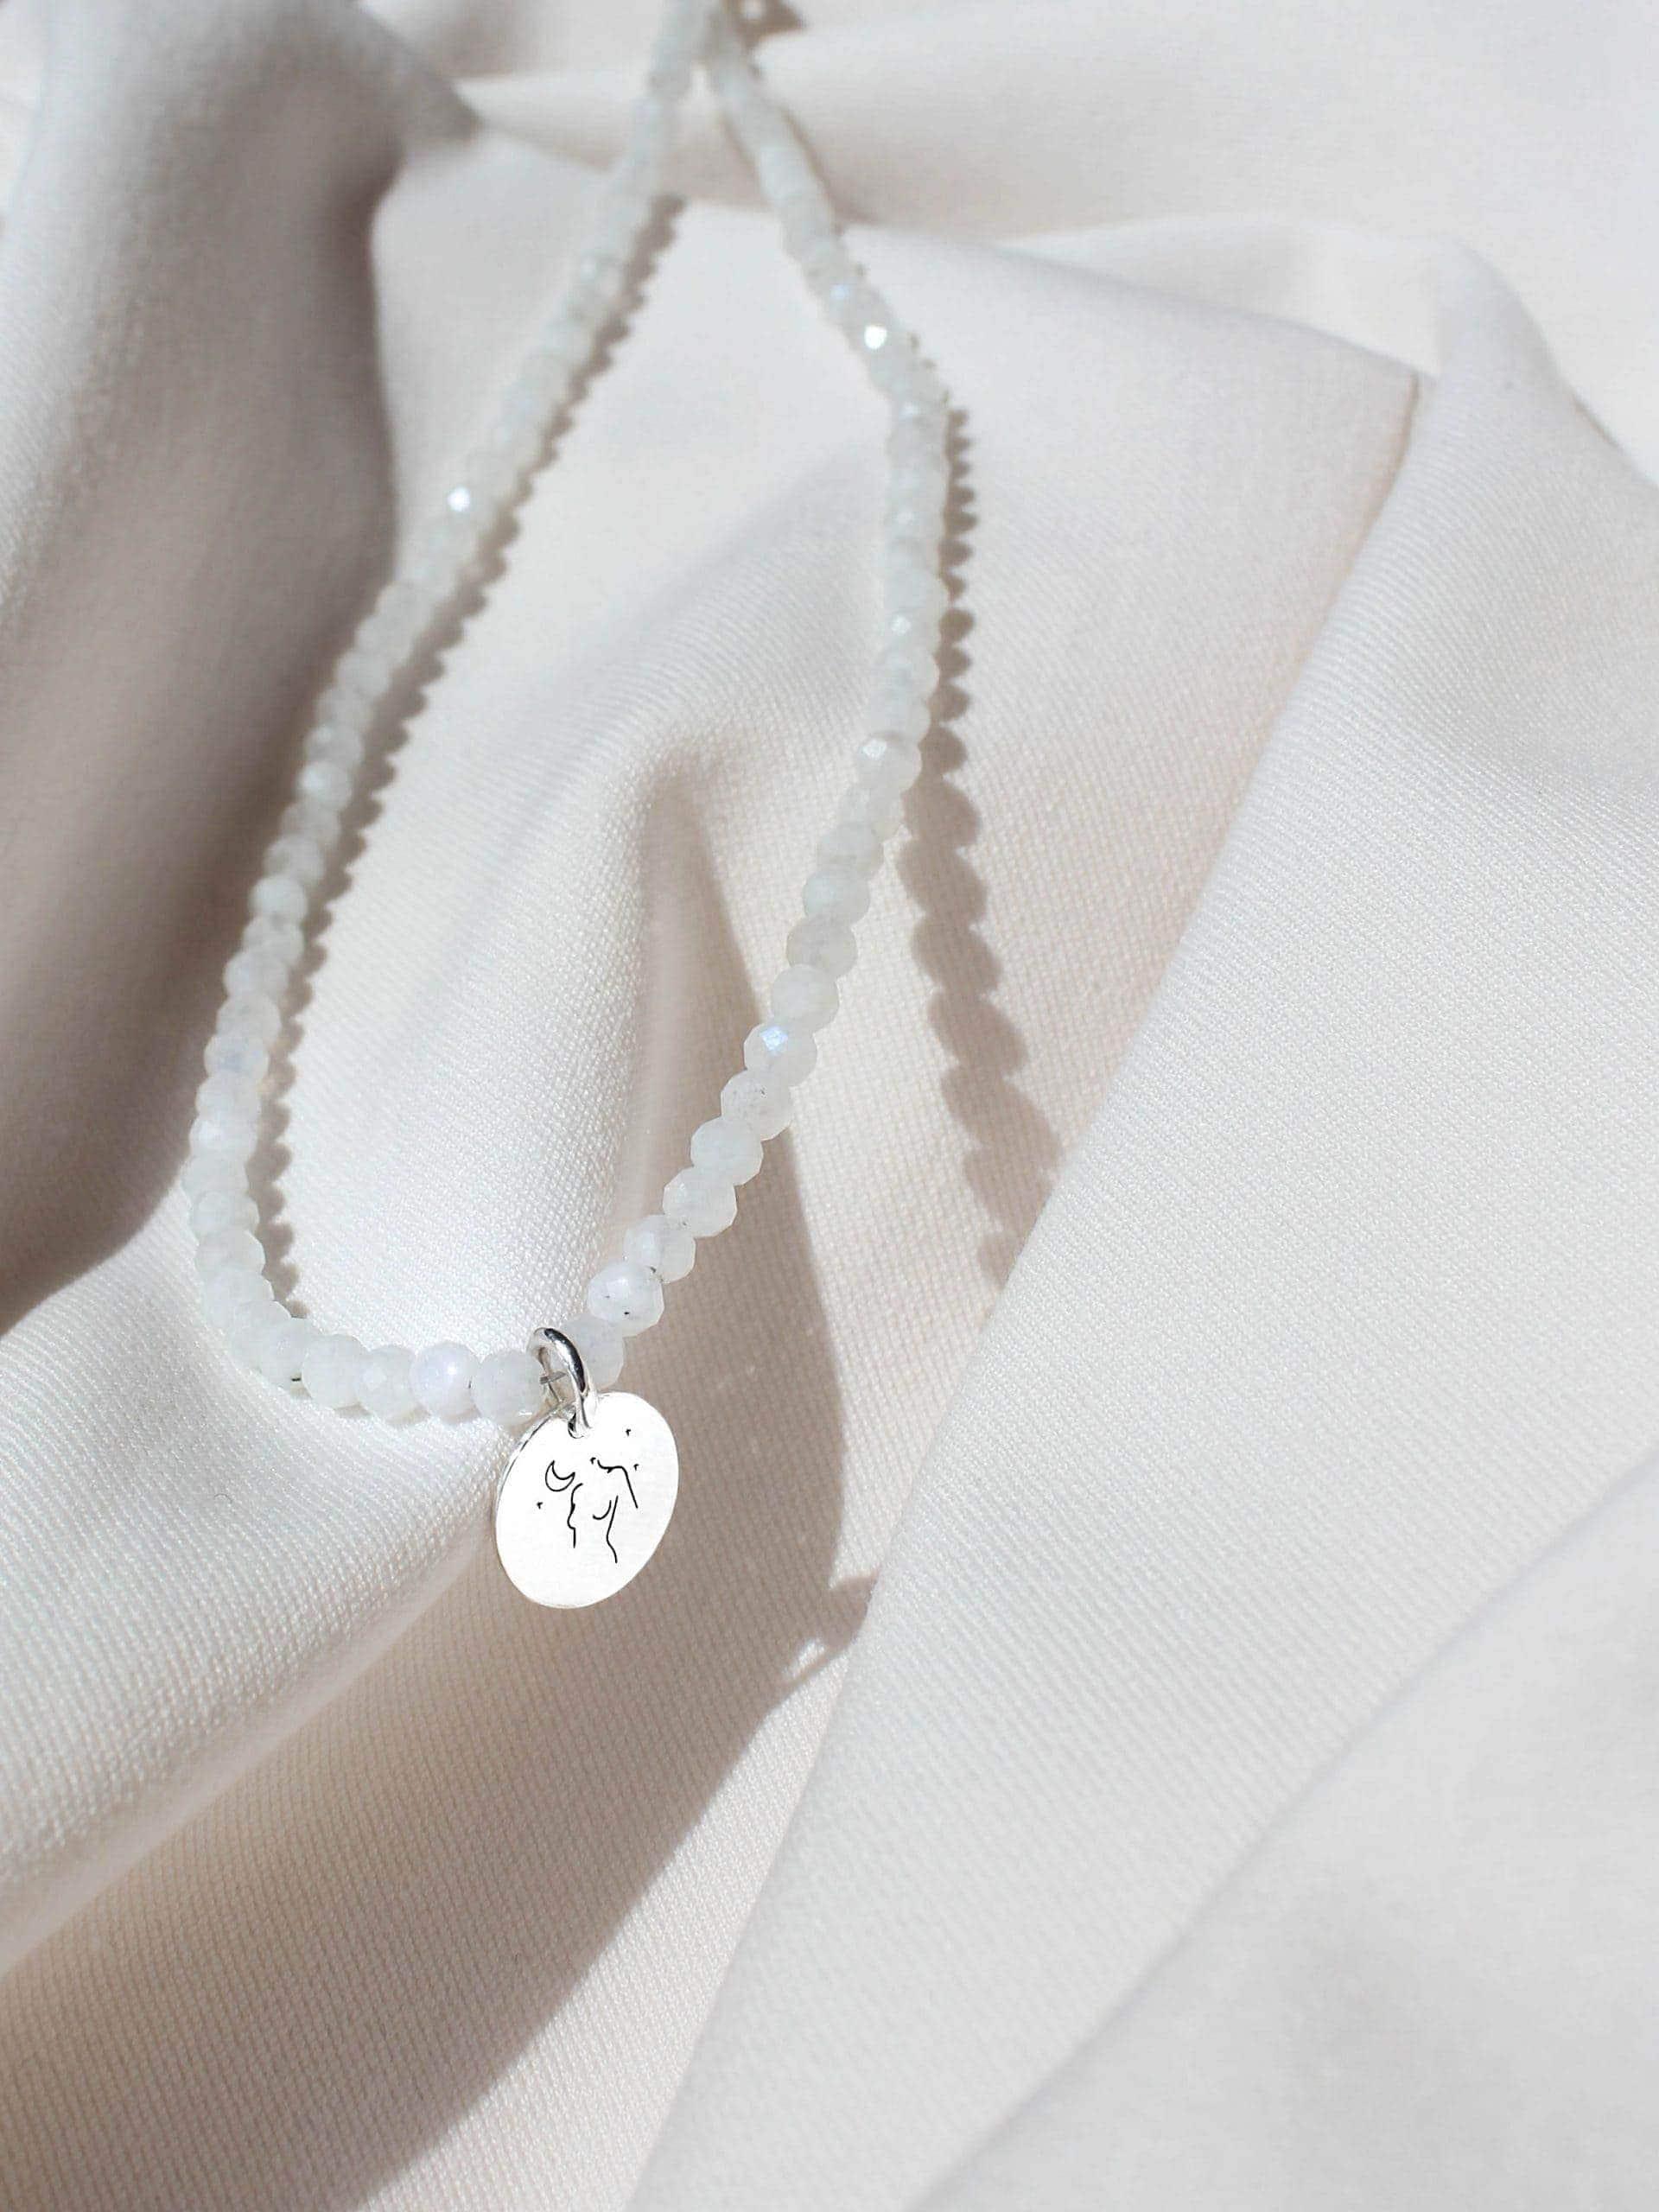 Biały naszyjnik z drobnych kamieni naturalnych ze srebrną zawieszką i grawerem kobiecego ciała